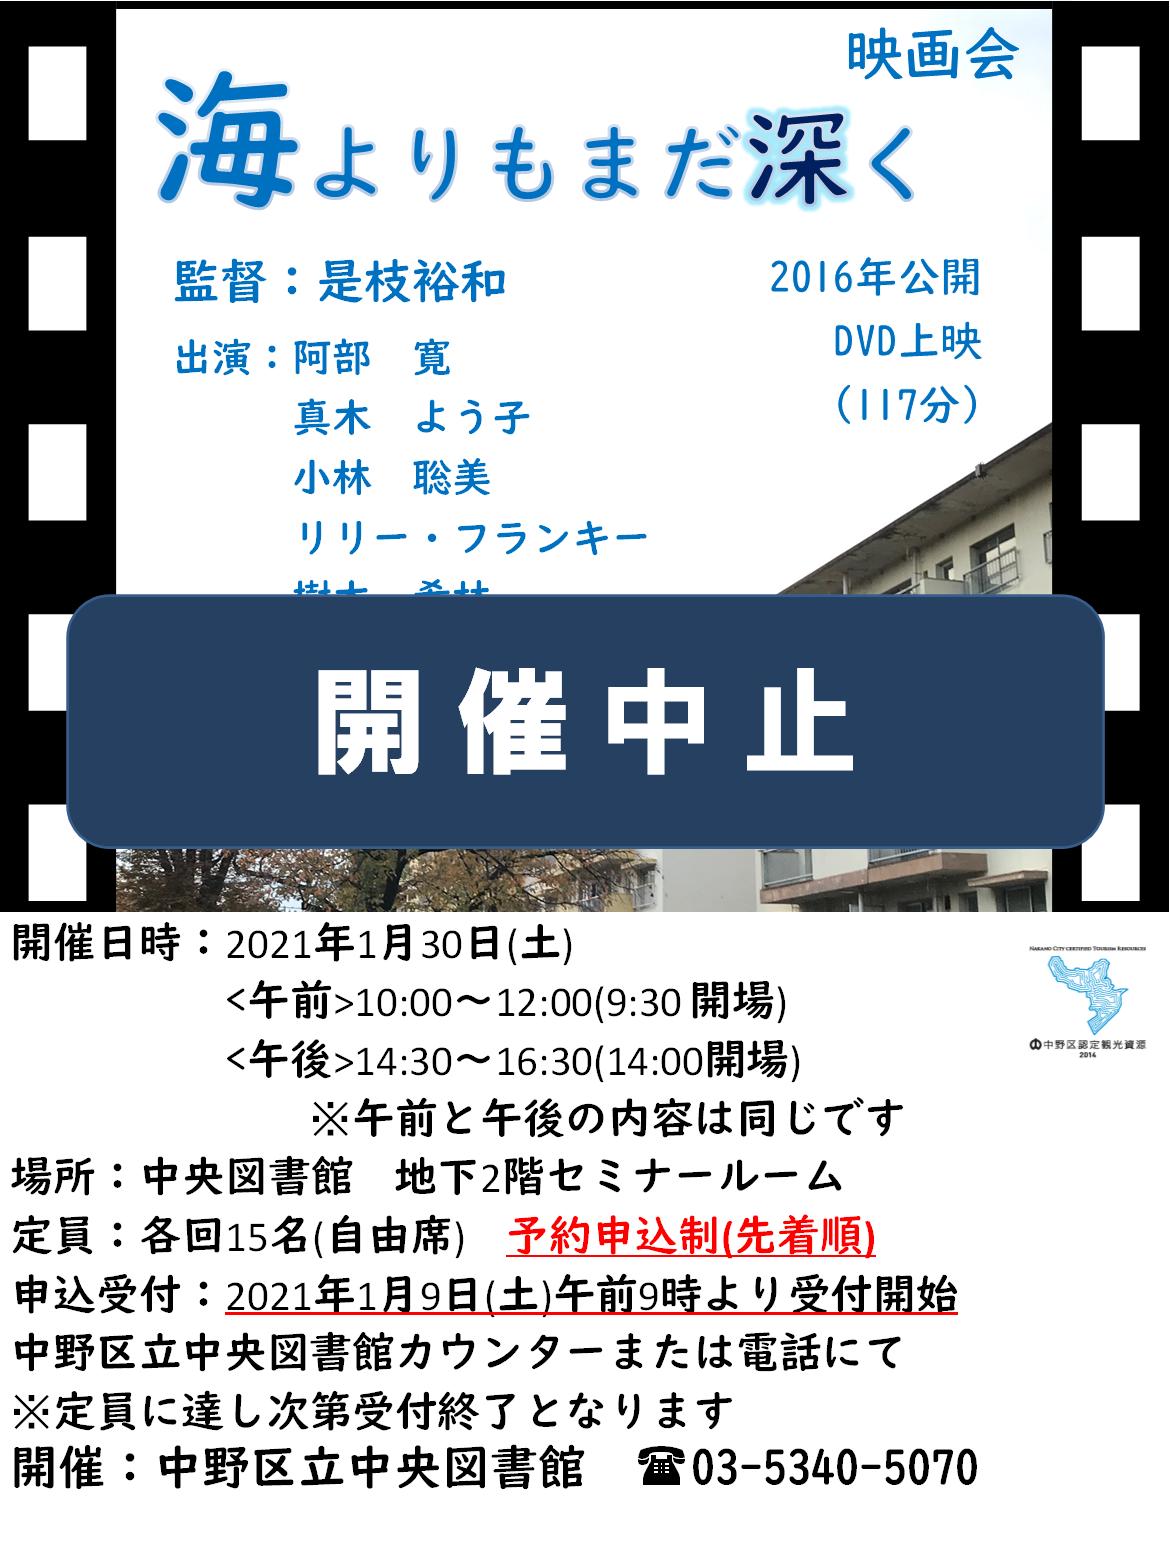 1月映画会開催中止ポスター